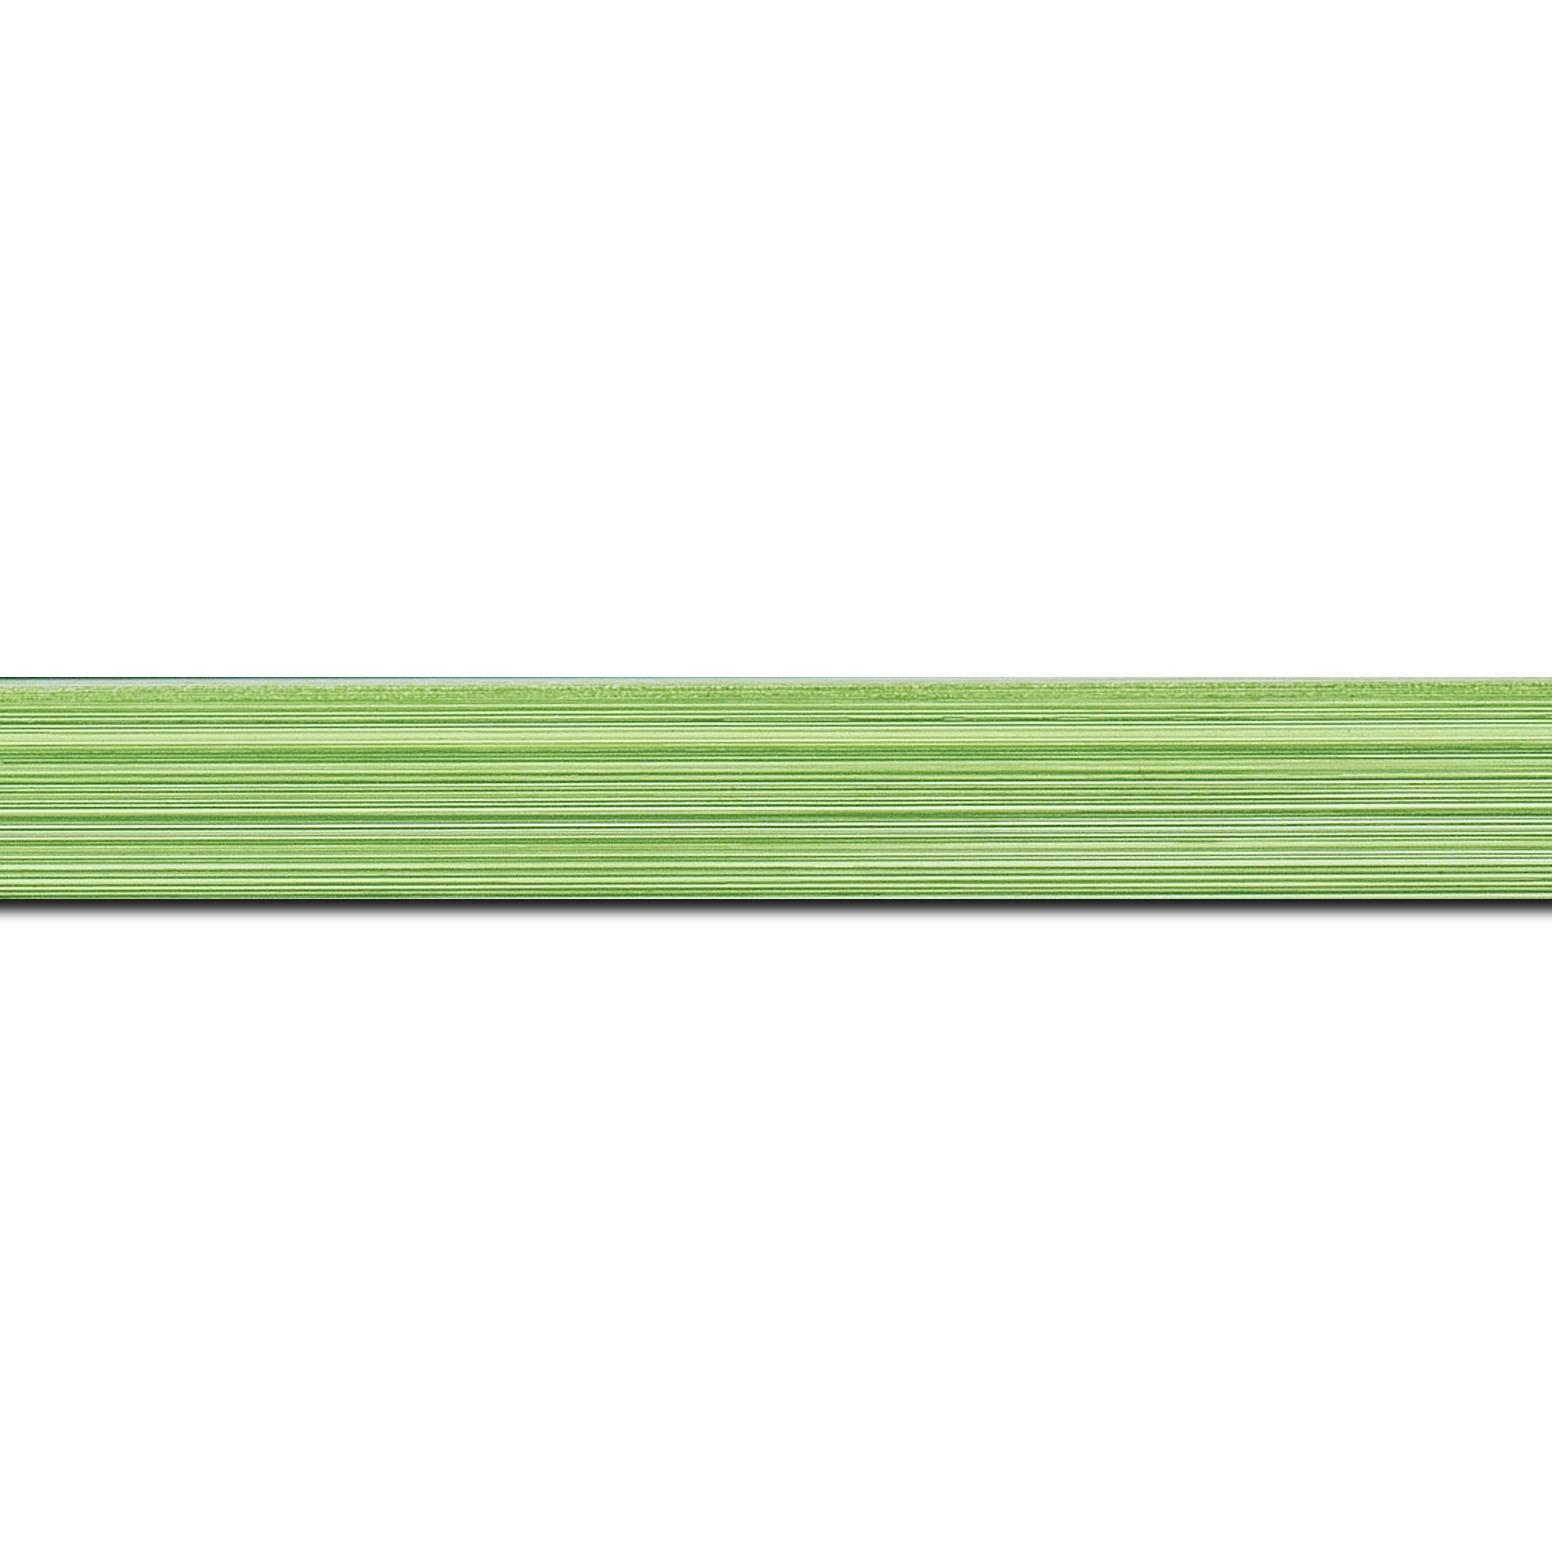 Baguette longueur 1.40m bois profil concave largeur 2.4cm couleur vert clair effet matière fond blanc